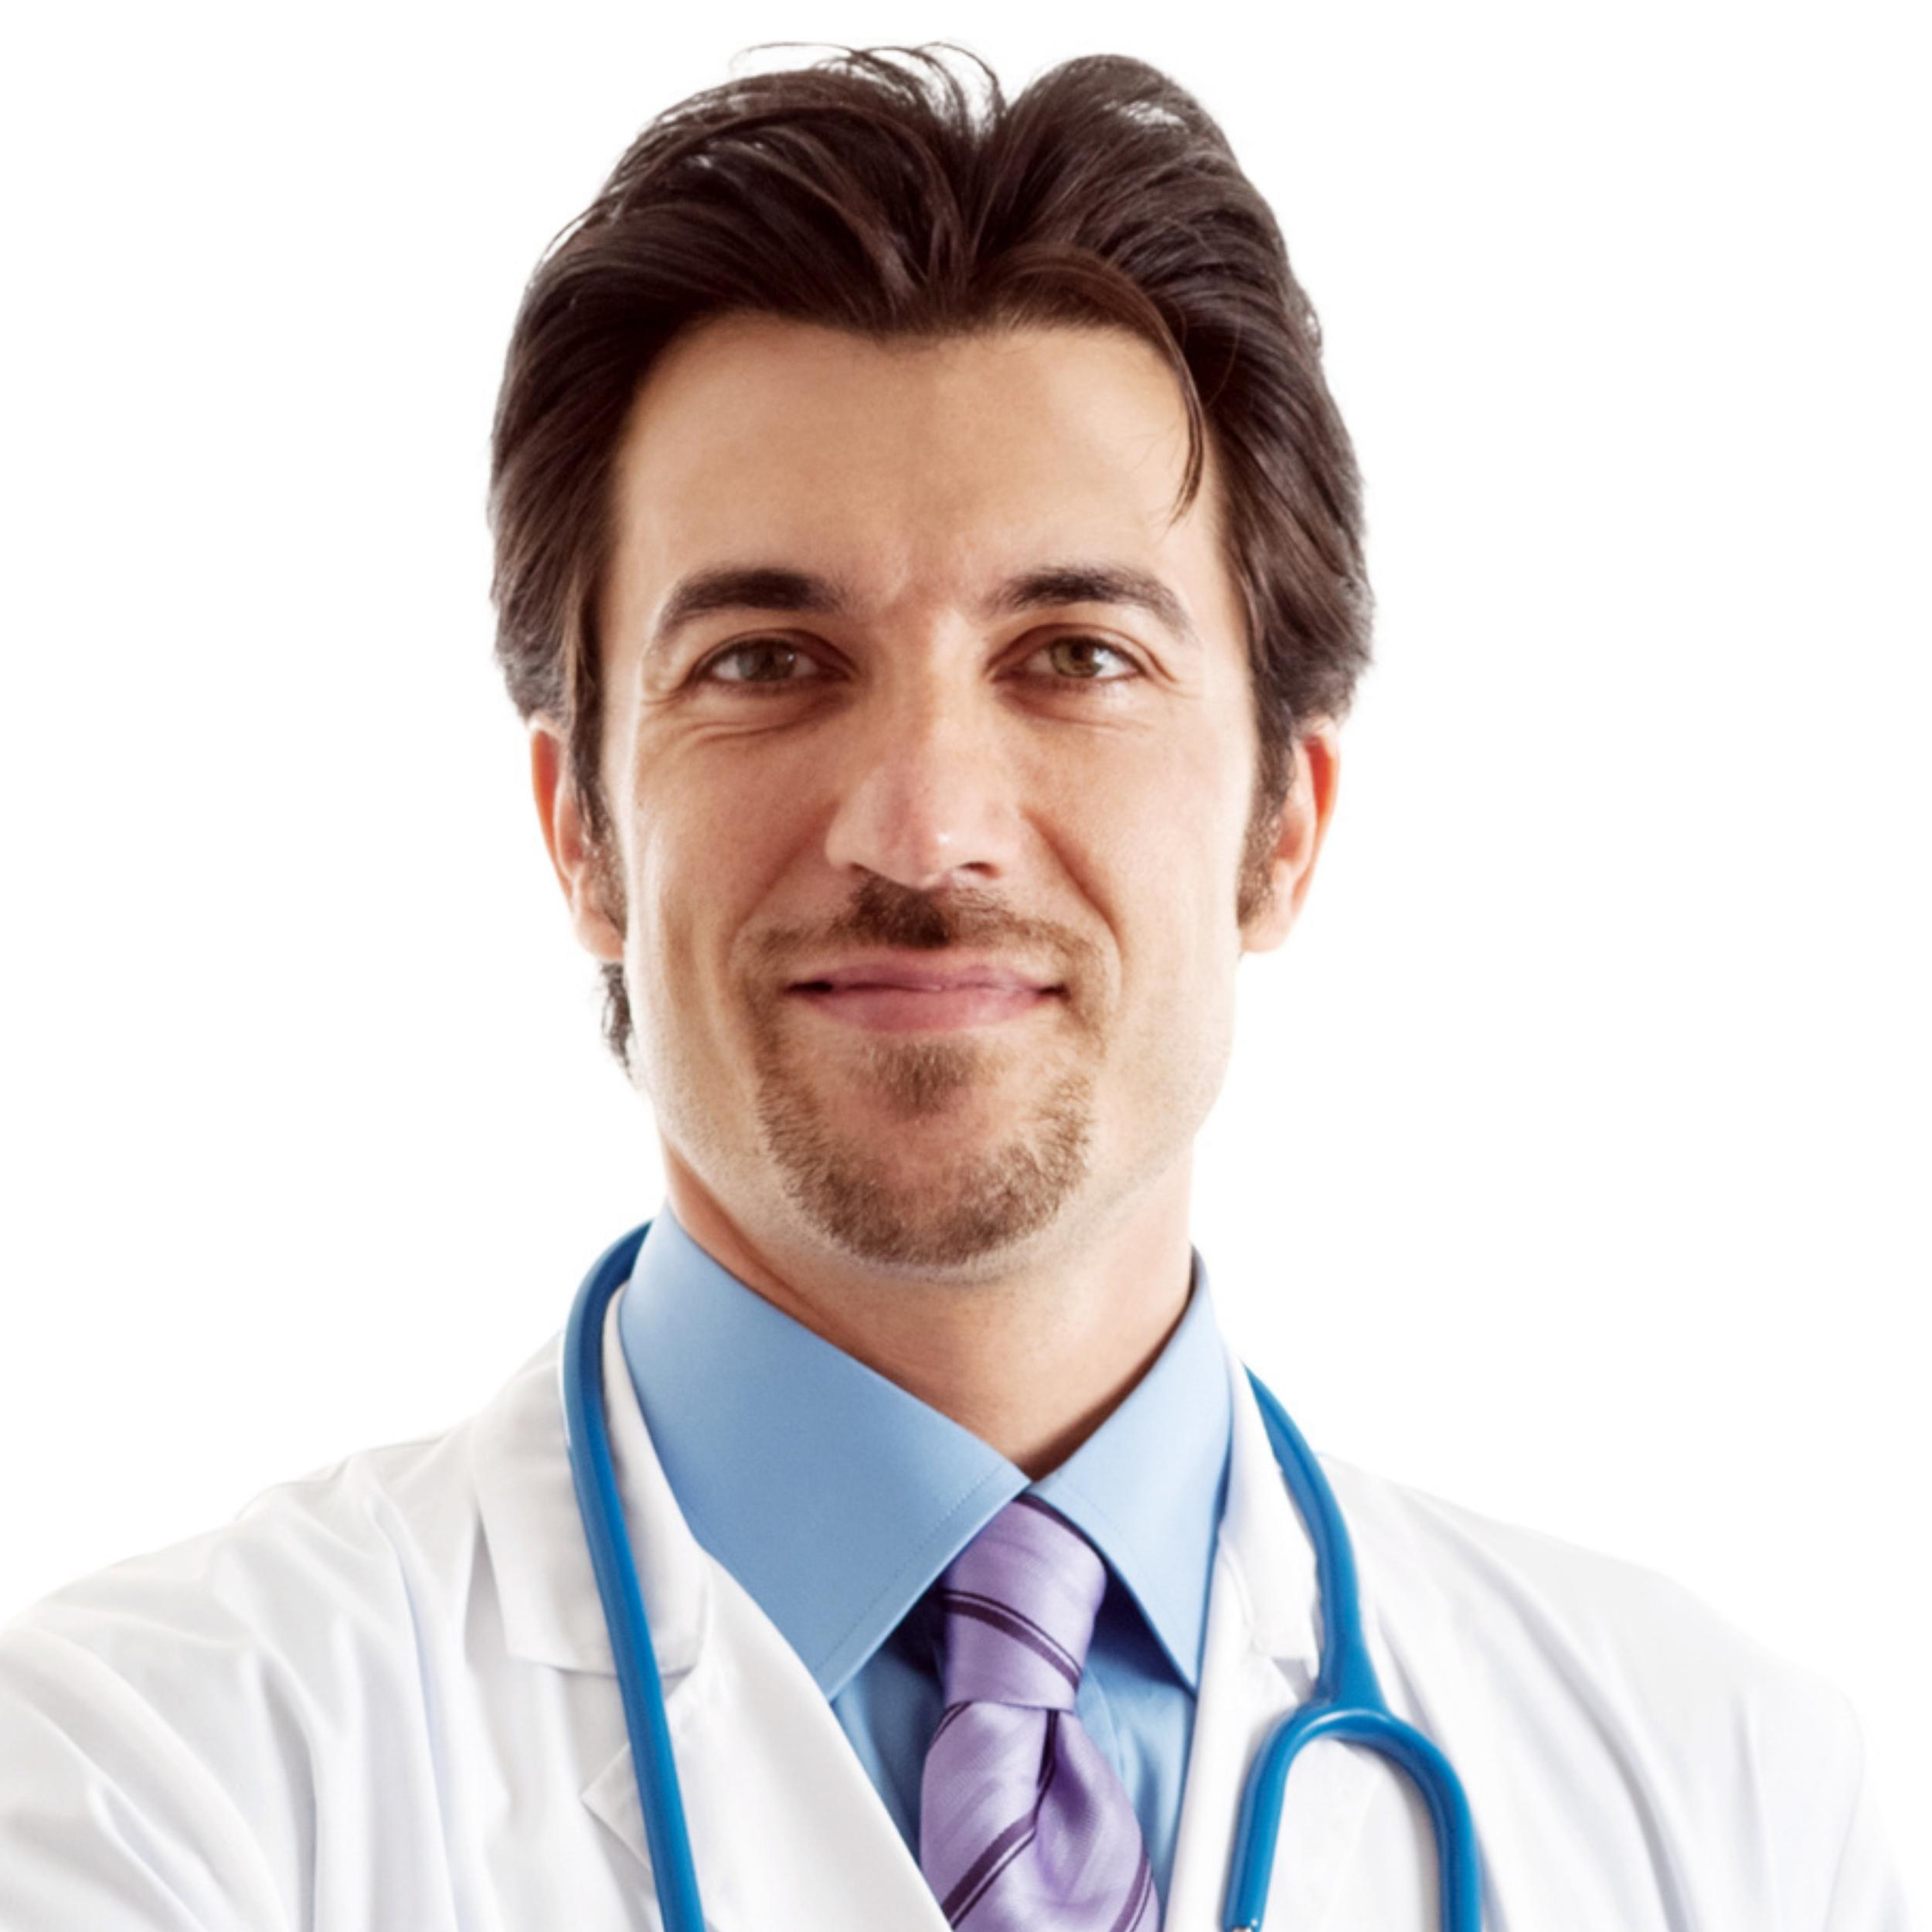 6171e00e-9989-11e7-b302-0242ac110002-Medical_8.jpg